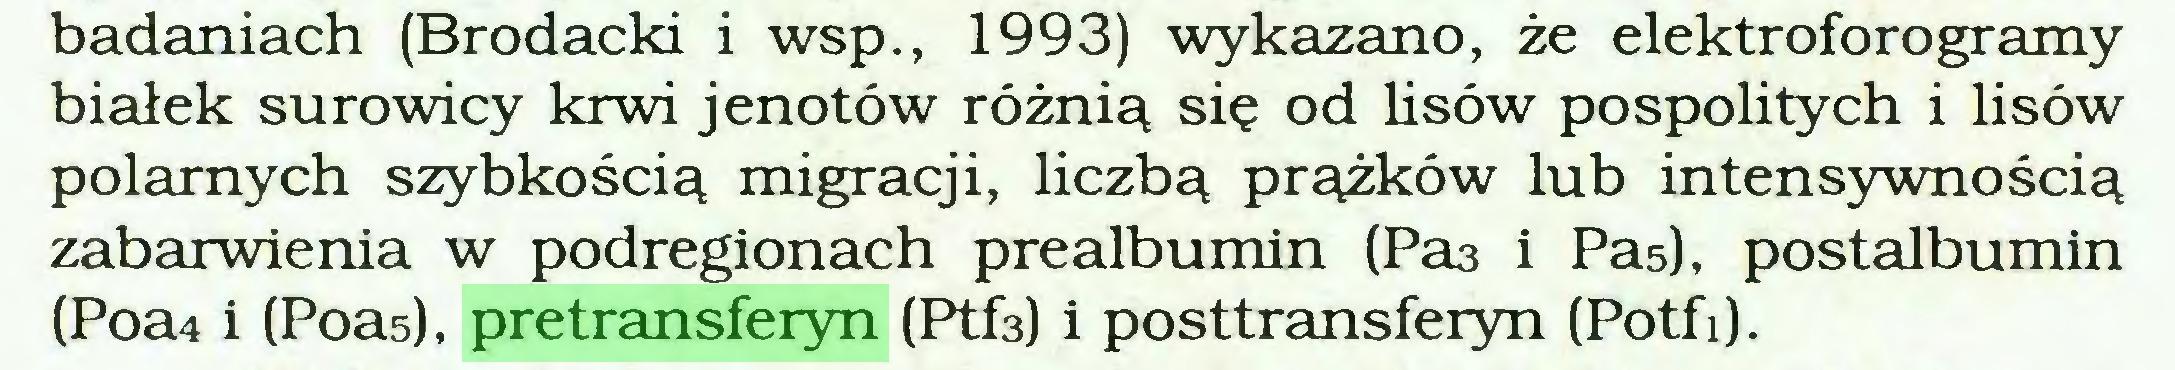 (...) badaniach (Brodacki i wsp., 1993) wykazano, że elektroforo gramy białek surowicy krwi jenotów różnią się od lisów pospolitych i lisów polarnych szybkością migracji, liczbą prążków lub intensywnością zabarwienia w podregionach prealbumin (Pa3 i Pas), postalbumin (Poa4 i (Poas), pretransferyn (Ptfs) i posttransferyn (Potfi)...